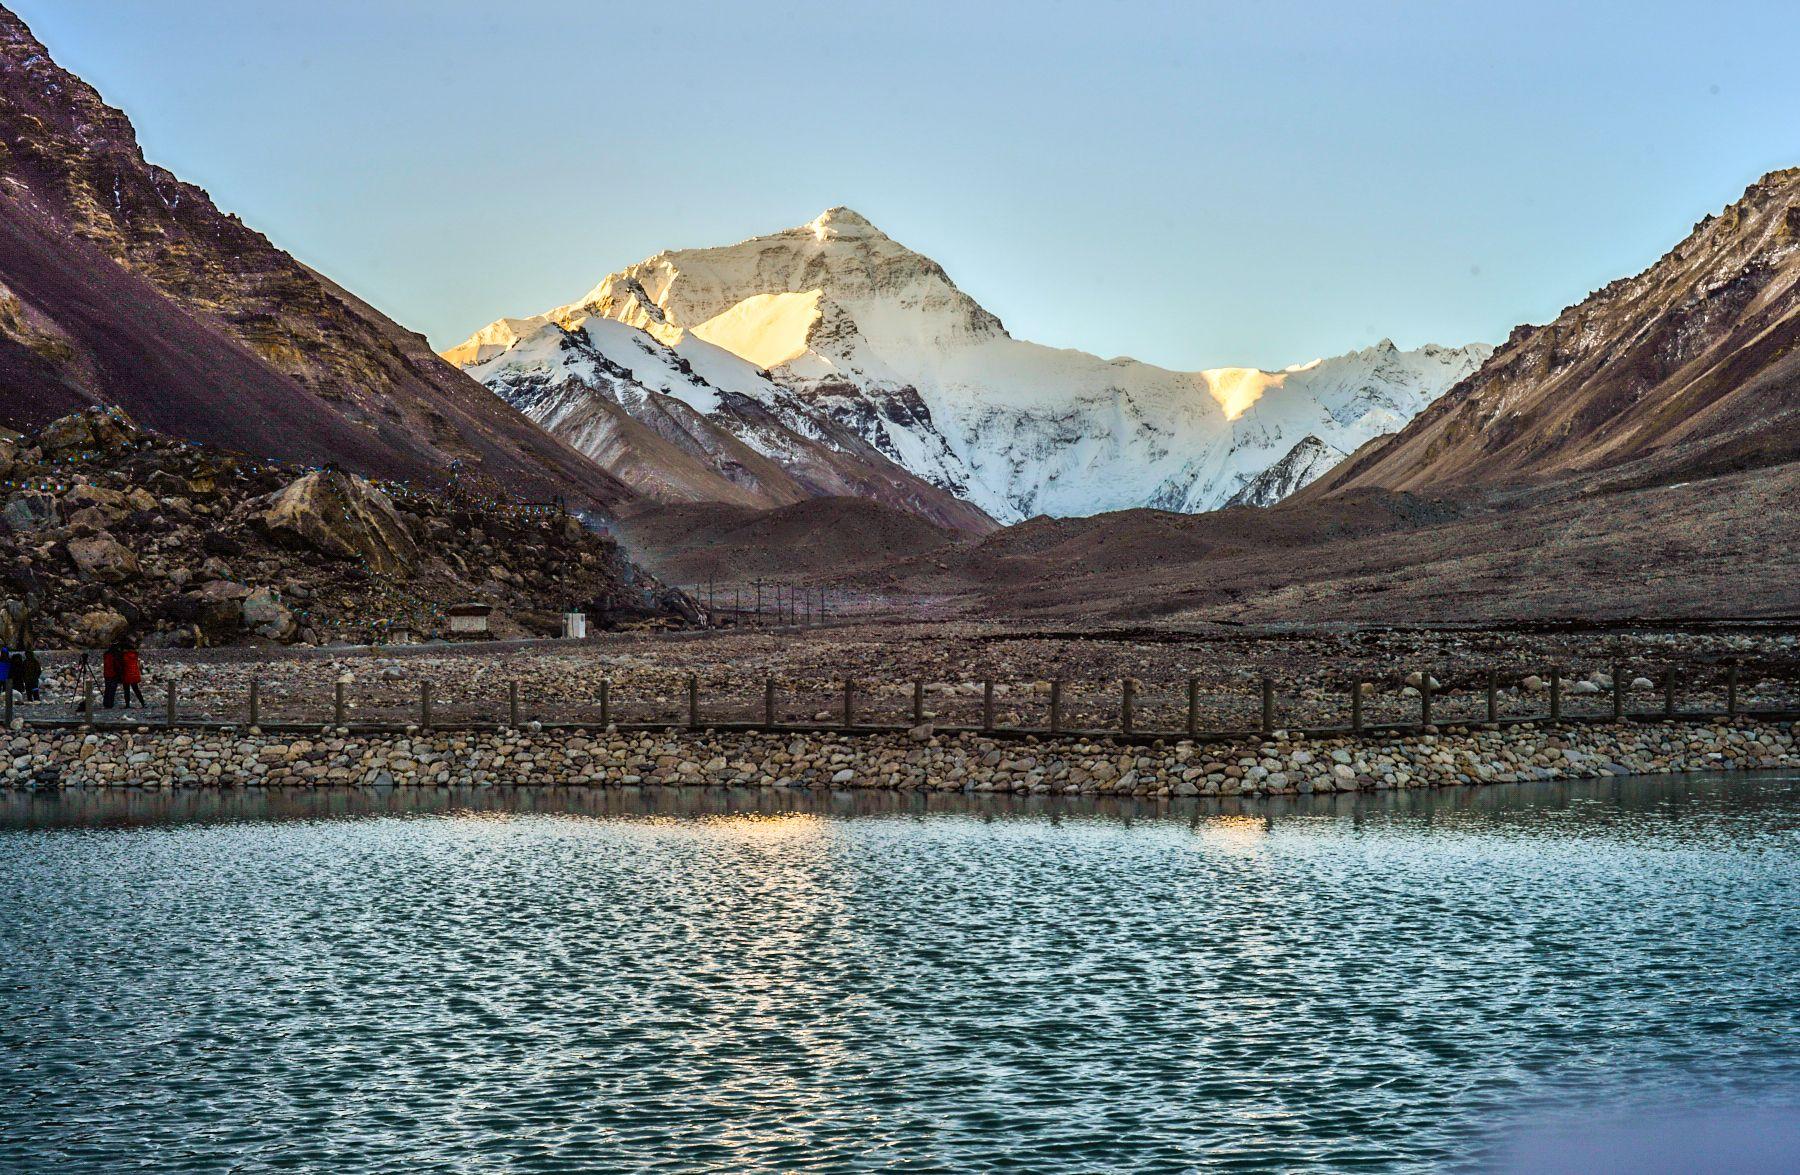 西藏:嚴查侵害群眾利益問題 重點問題線索挂牌督辦